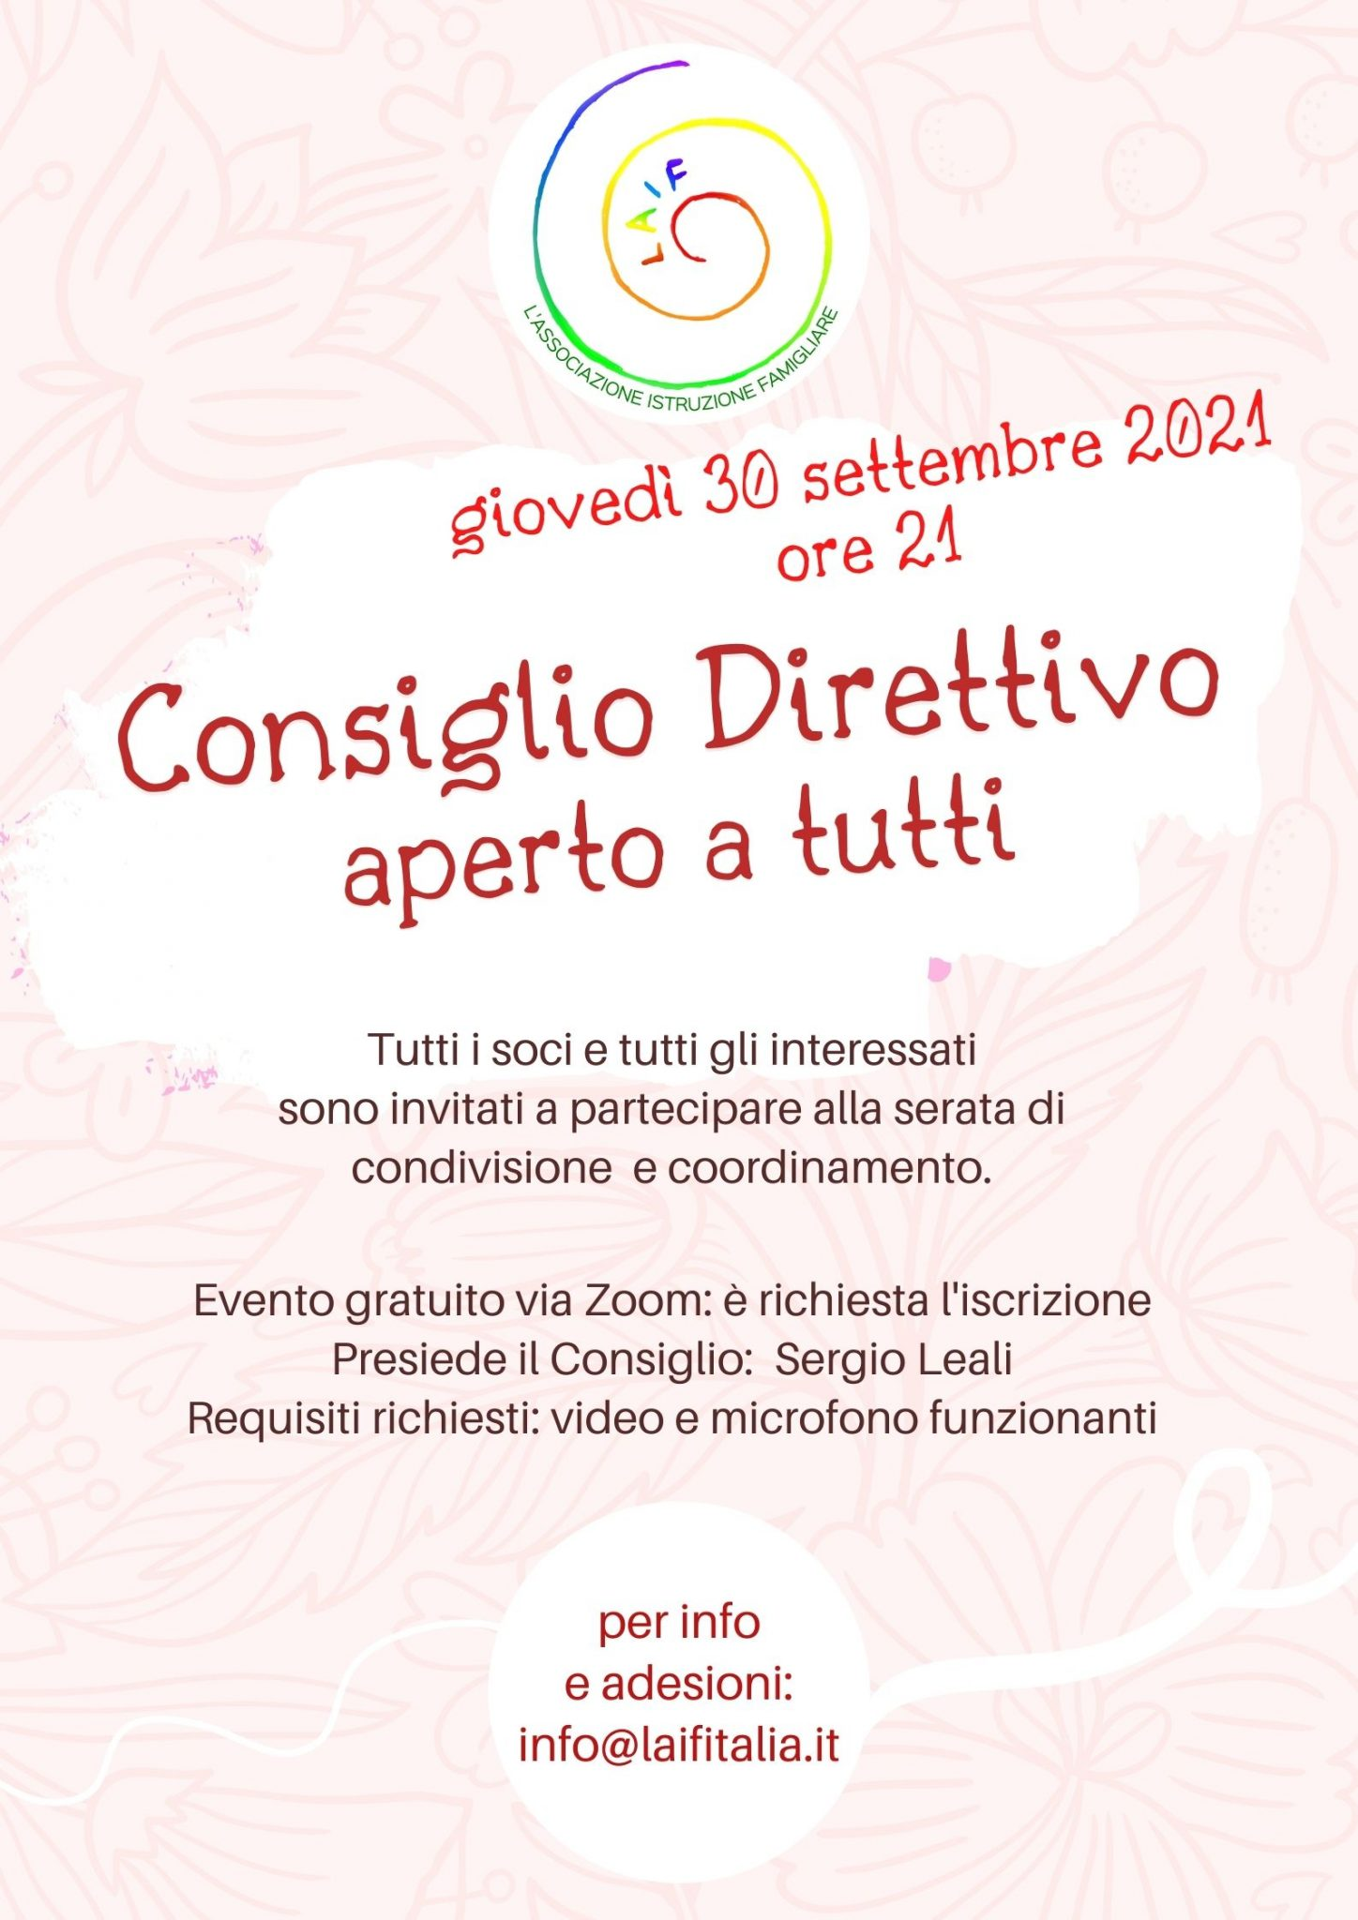 Consiglio Direttivo LAIF – online 30 settembre 2021